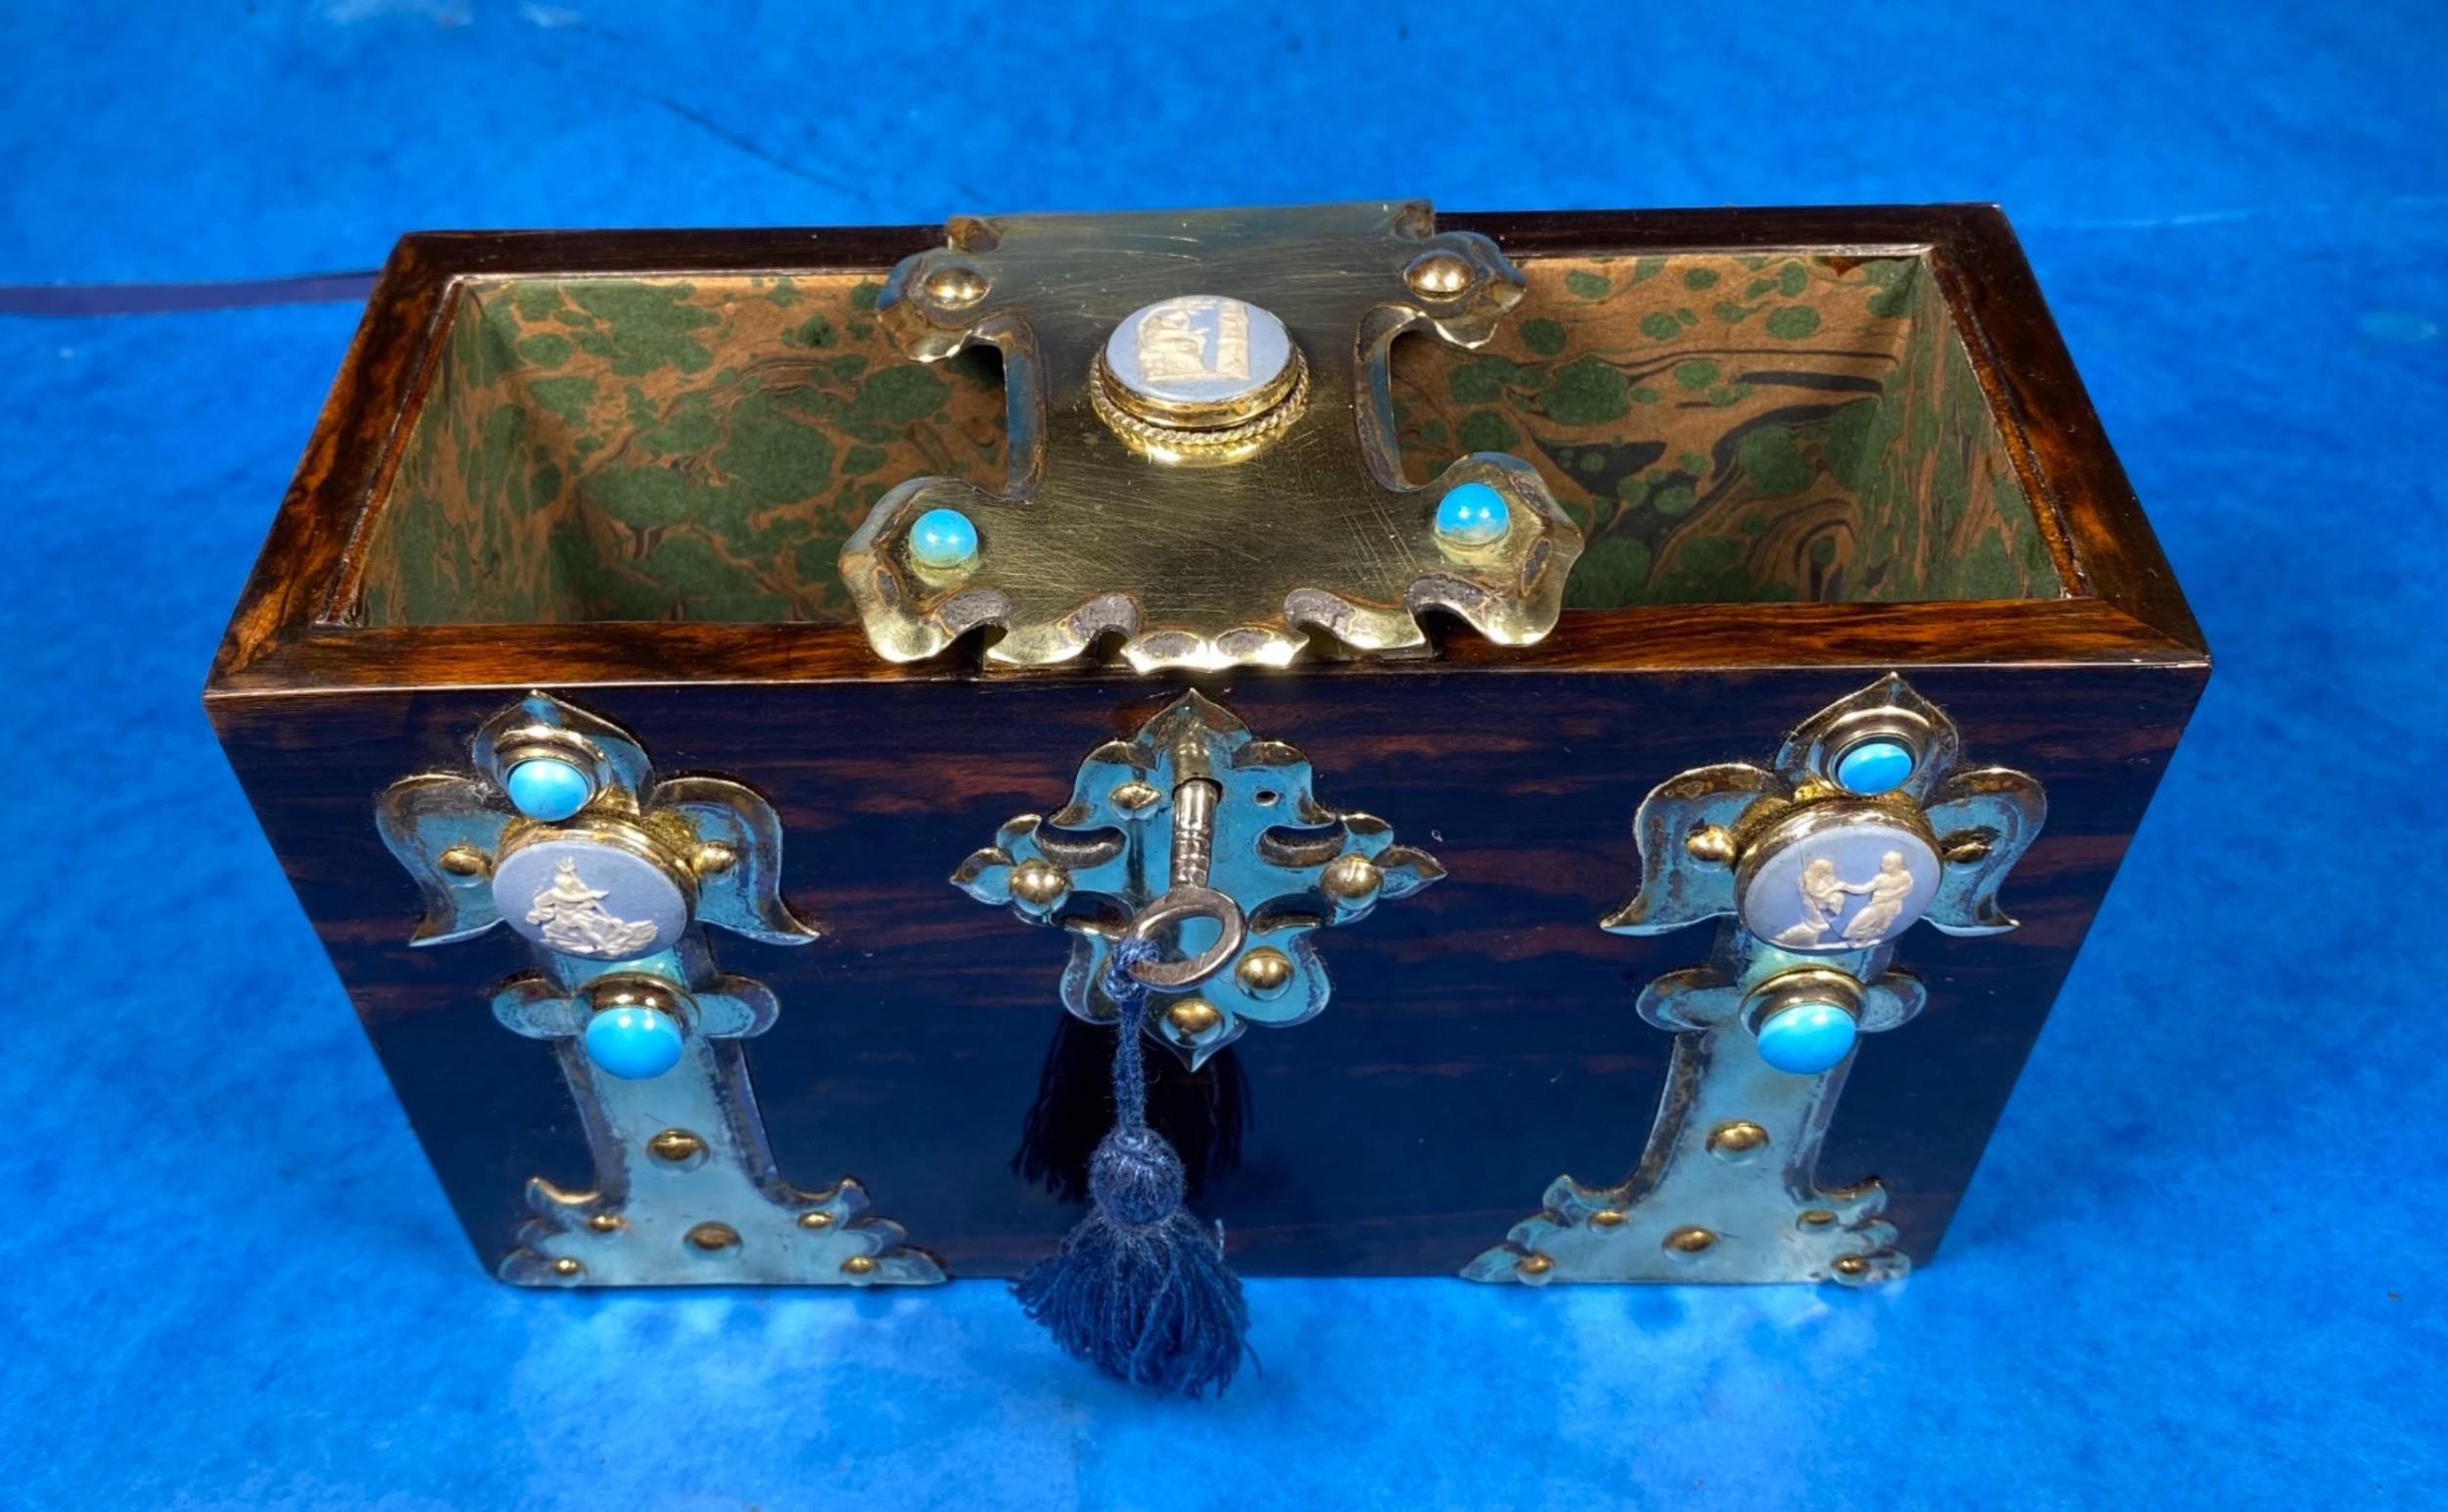 victorian brassbound coromandel book box